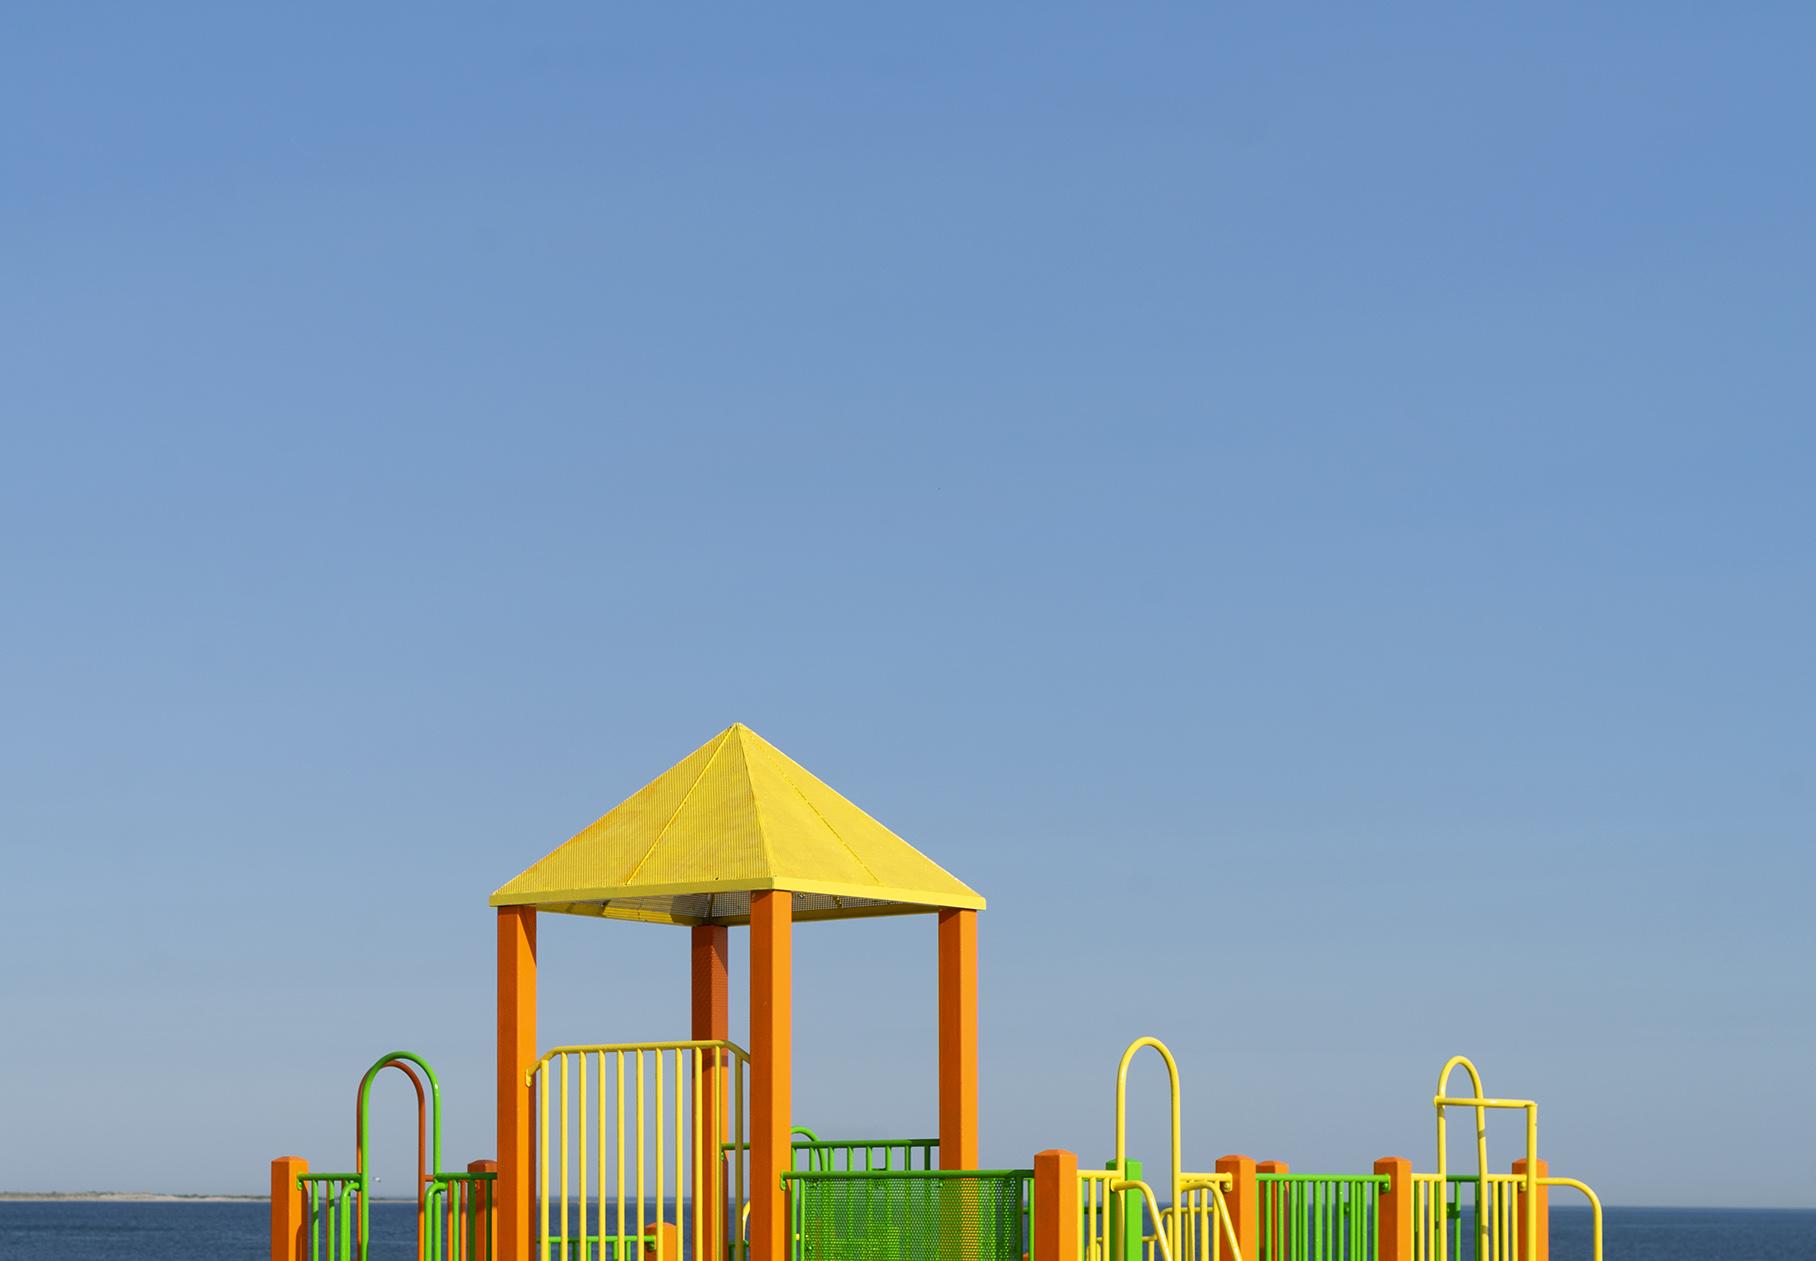 CaballeroCosmica-NewYork-coney-island.jpg